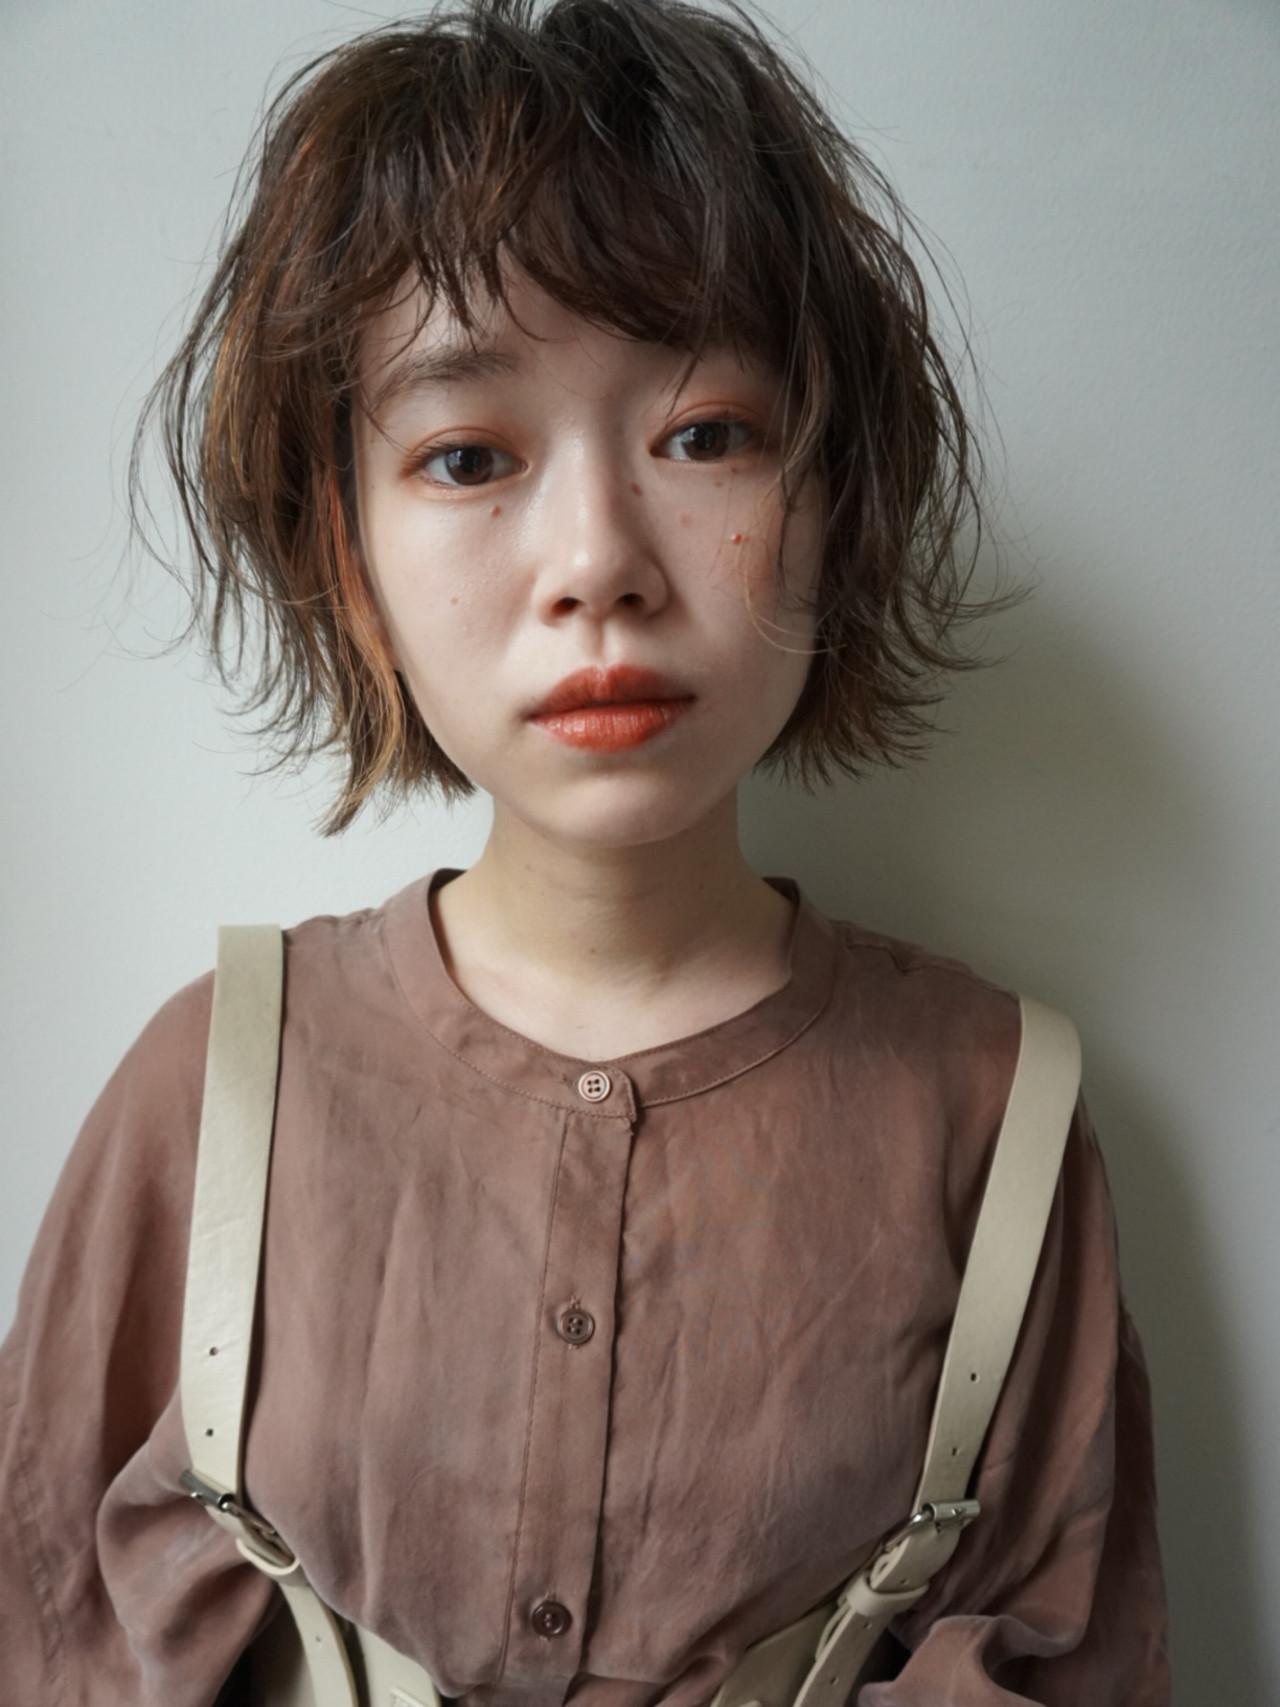 アンニュイほつれヘア ナチュラル 大人かわいい ヘアアレンジヘアスタイルや髪型の写真・画像